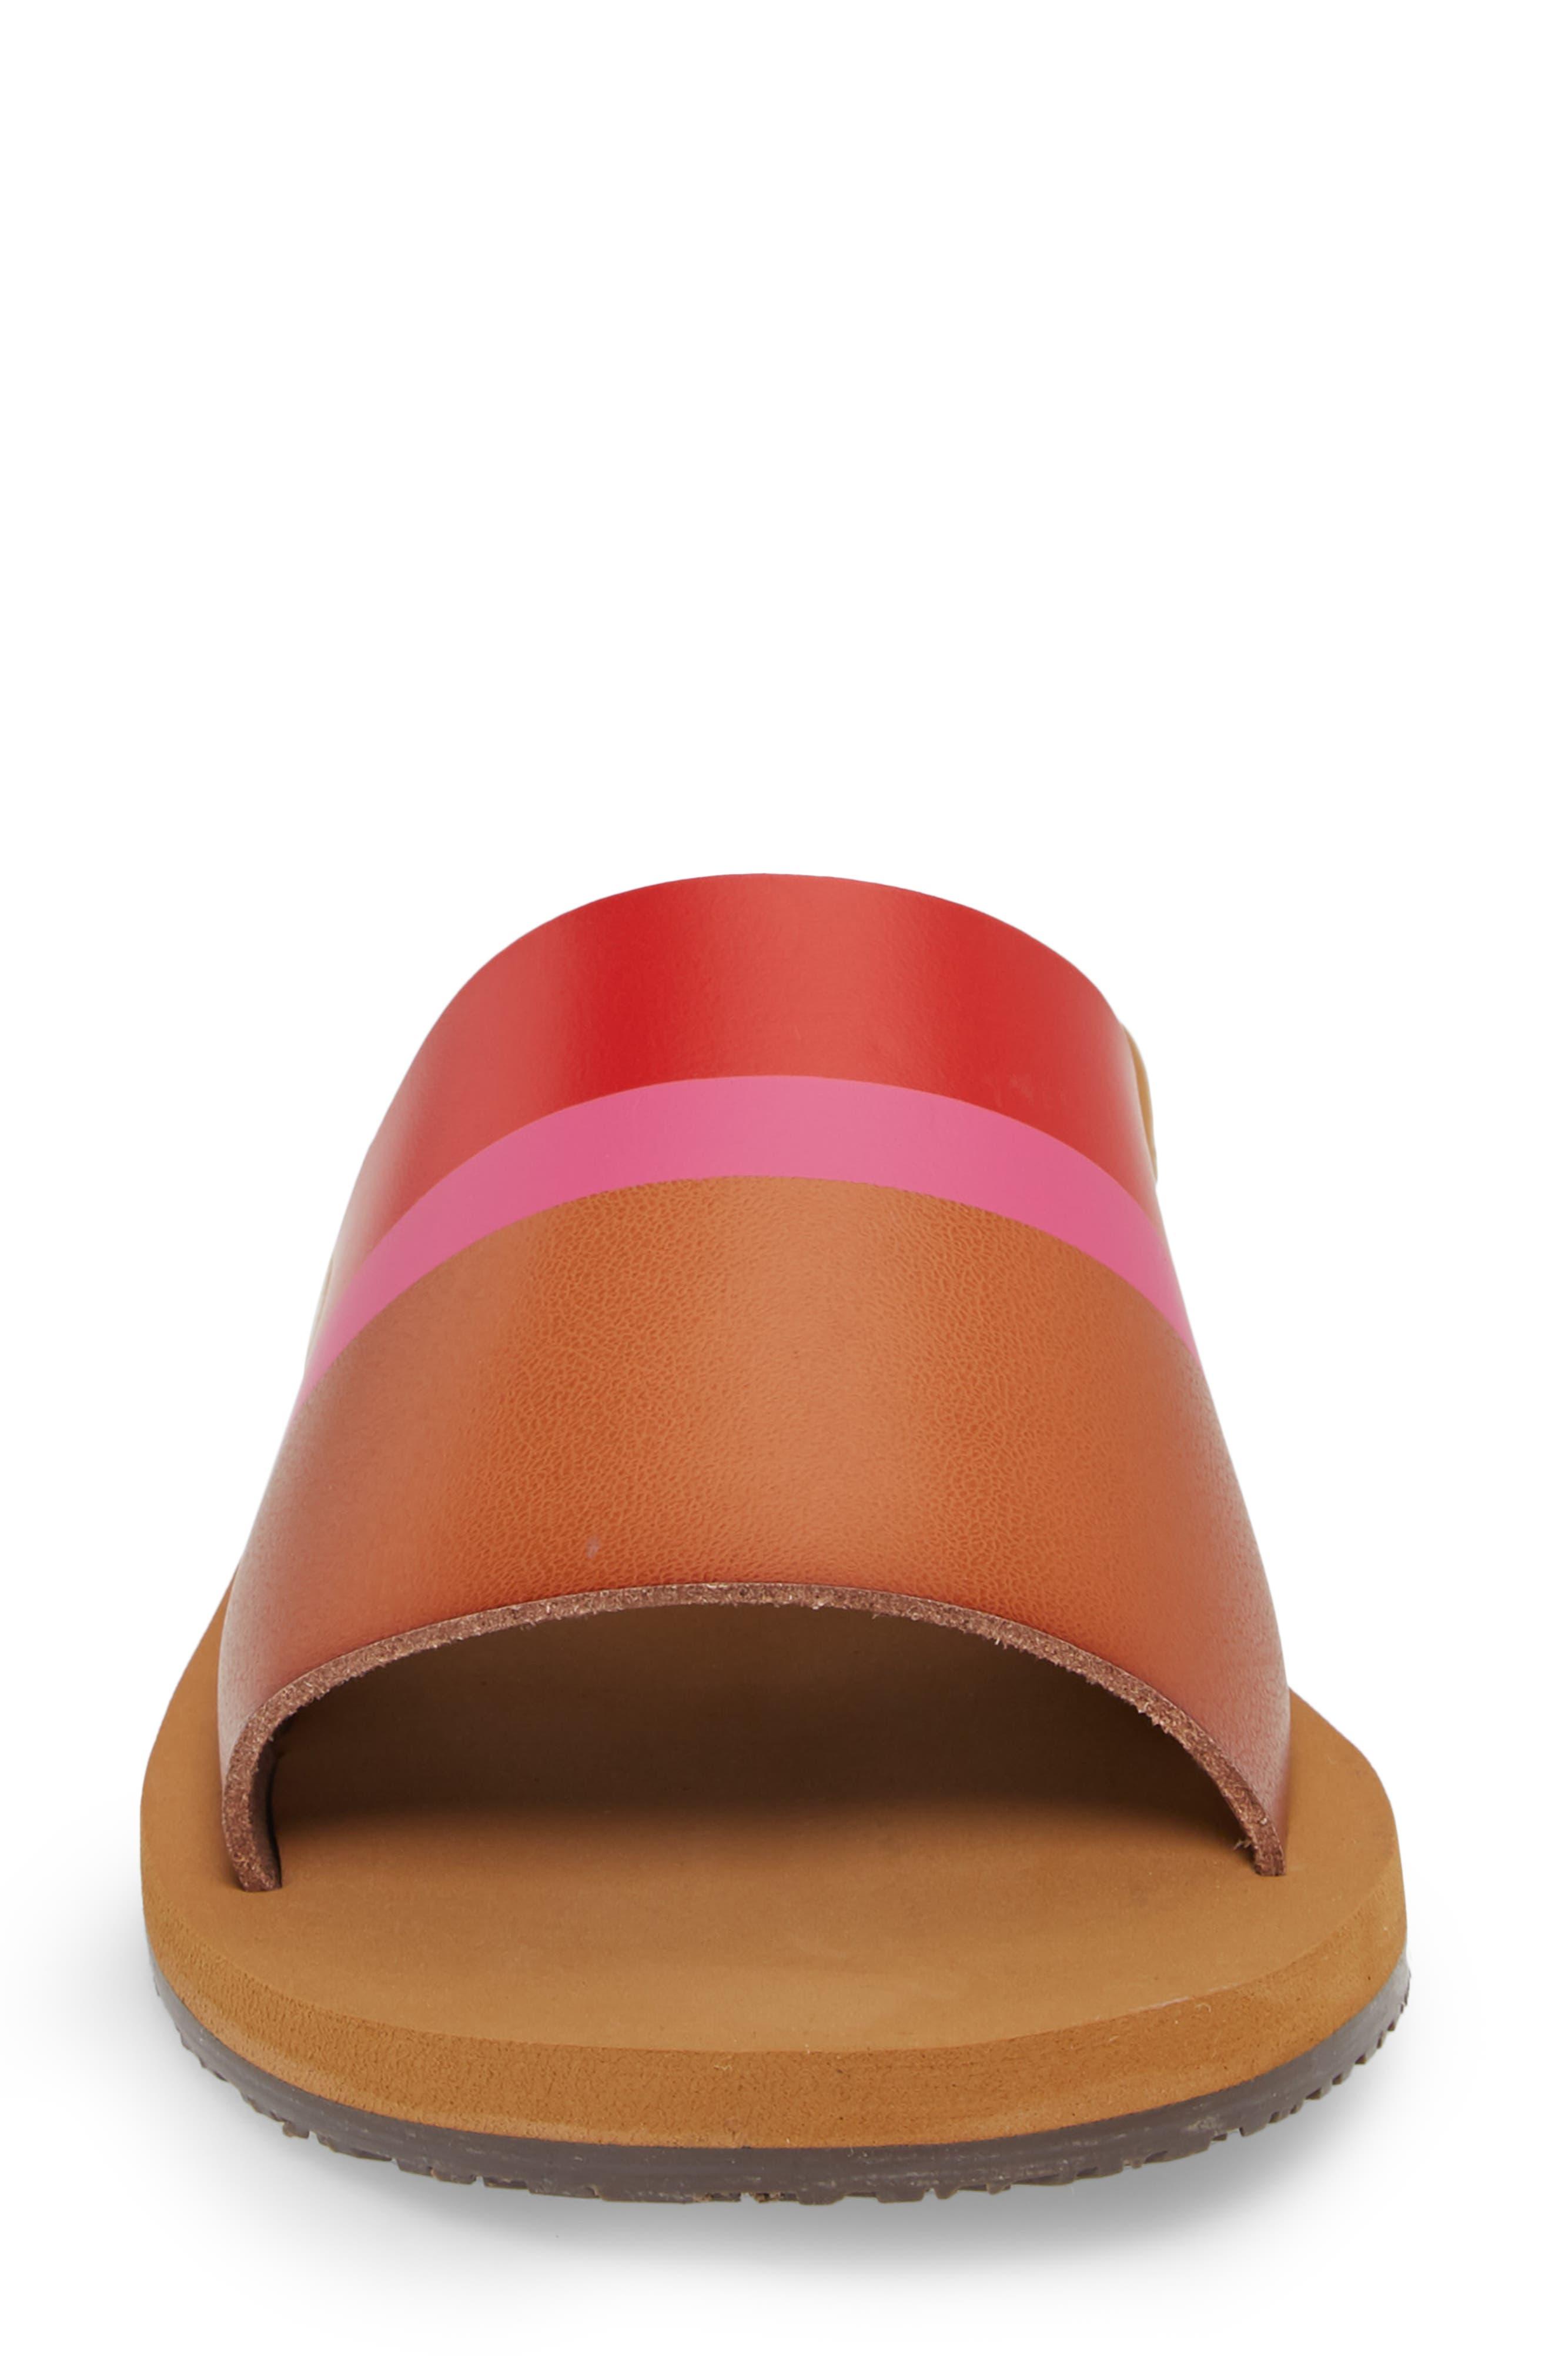 Slide Sandal,                             Alternate thumbnail 4, color,                             Multi